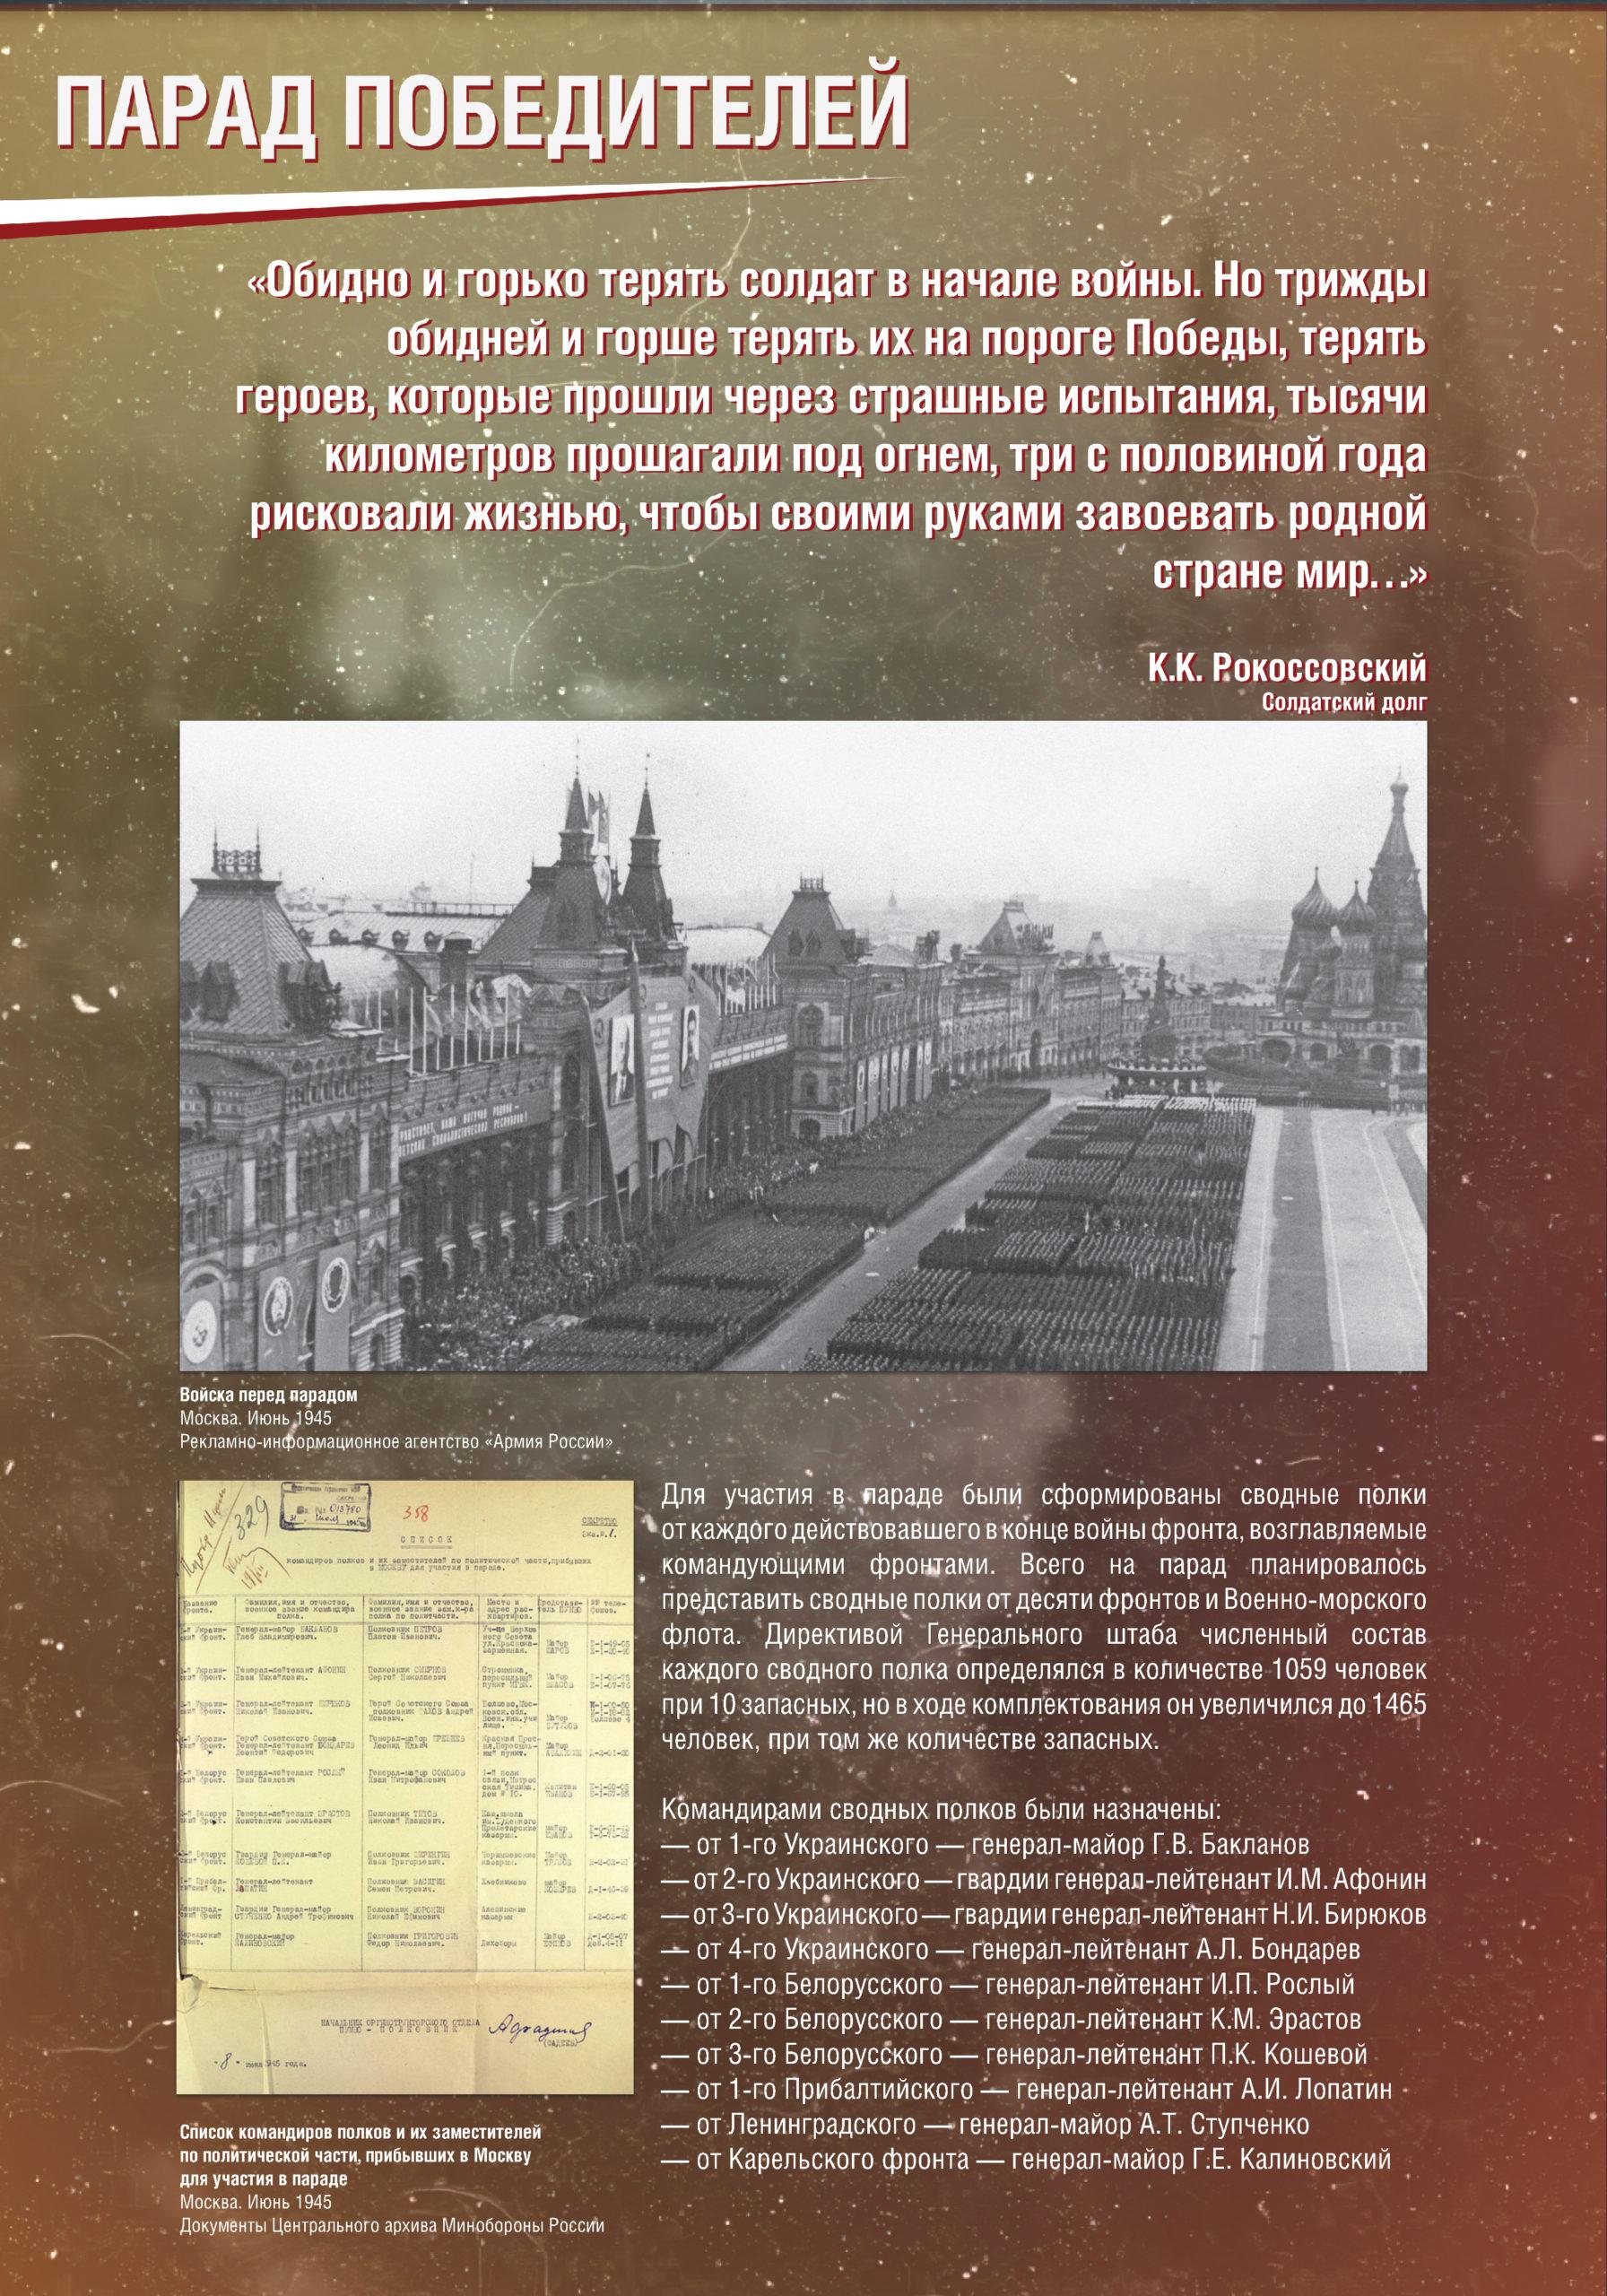 parad_pobediteley_1906_Page12